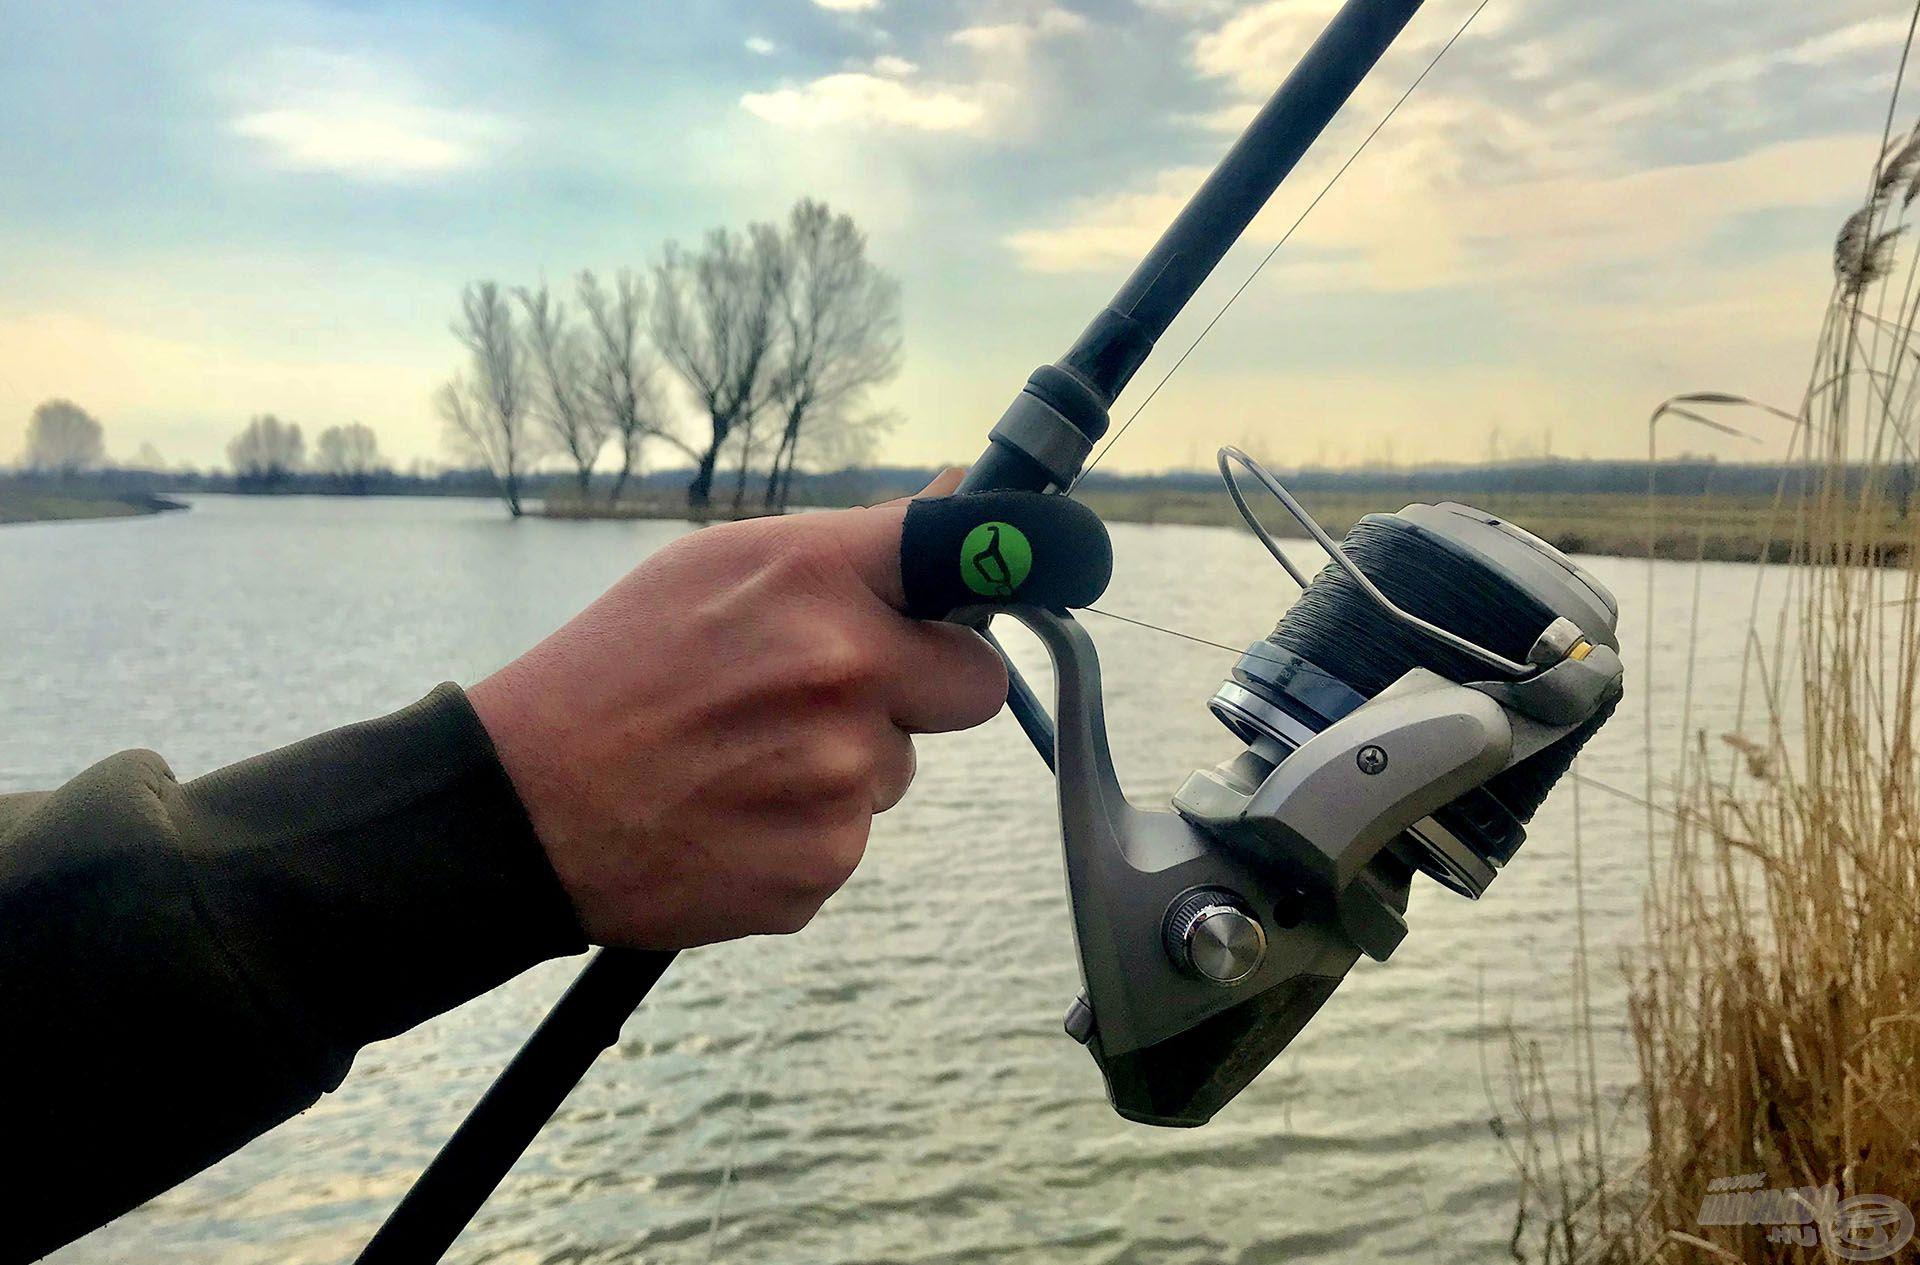 Dobós horgászatok során az ujjvédő vagy a dobókesztyű számomra elengedhetetlen